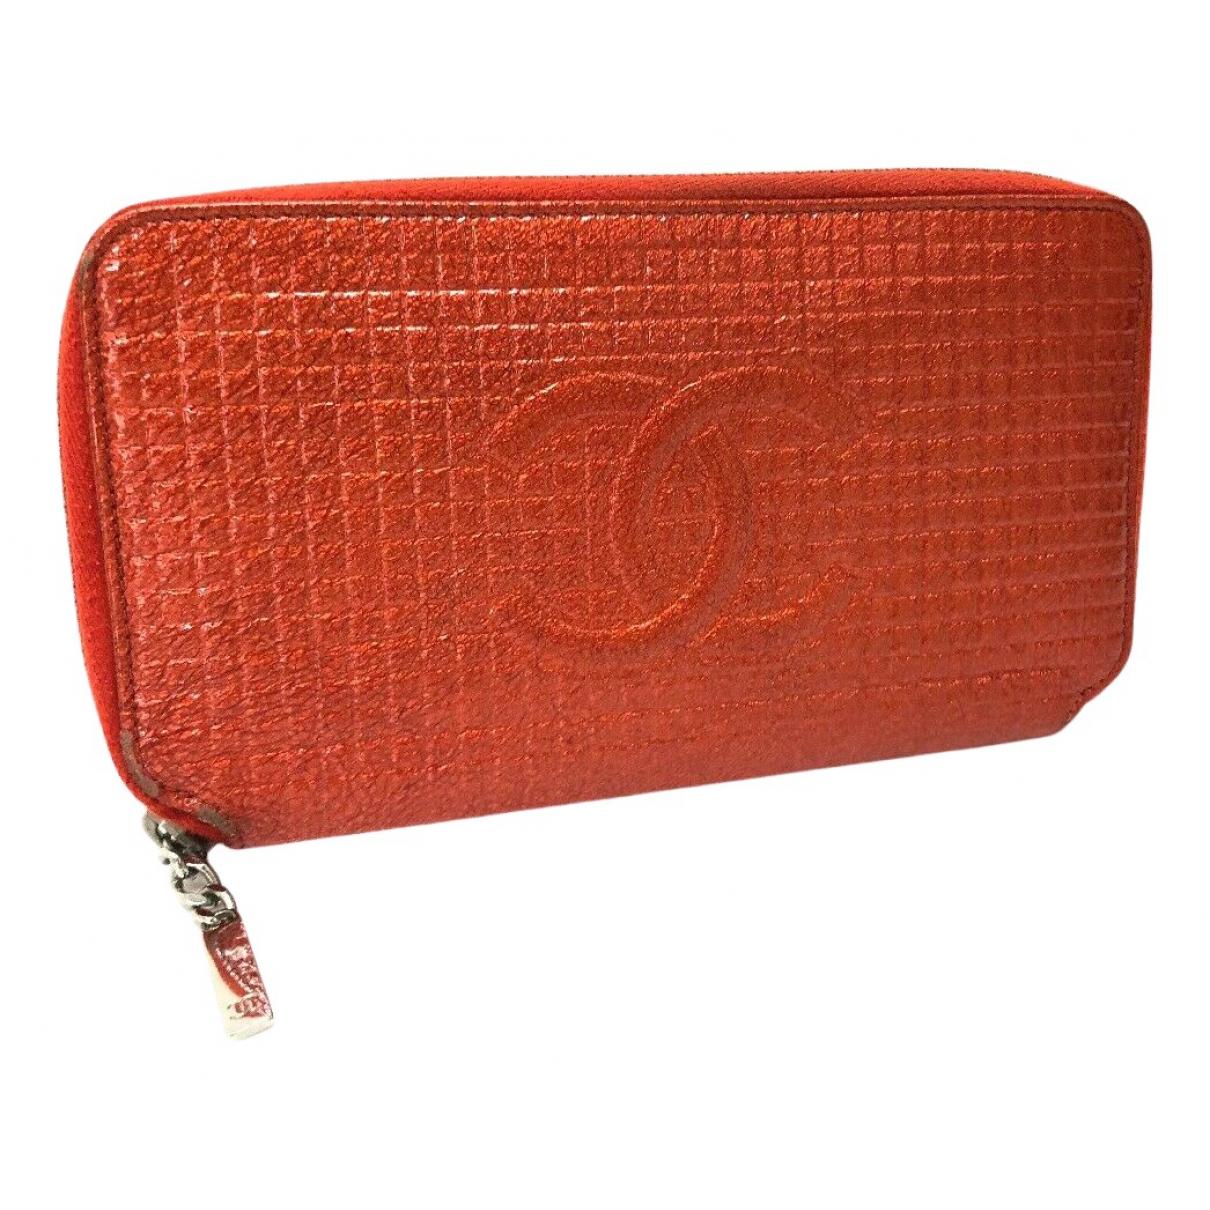 Chanel \N Portemonnaie in  Orange Lackleder